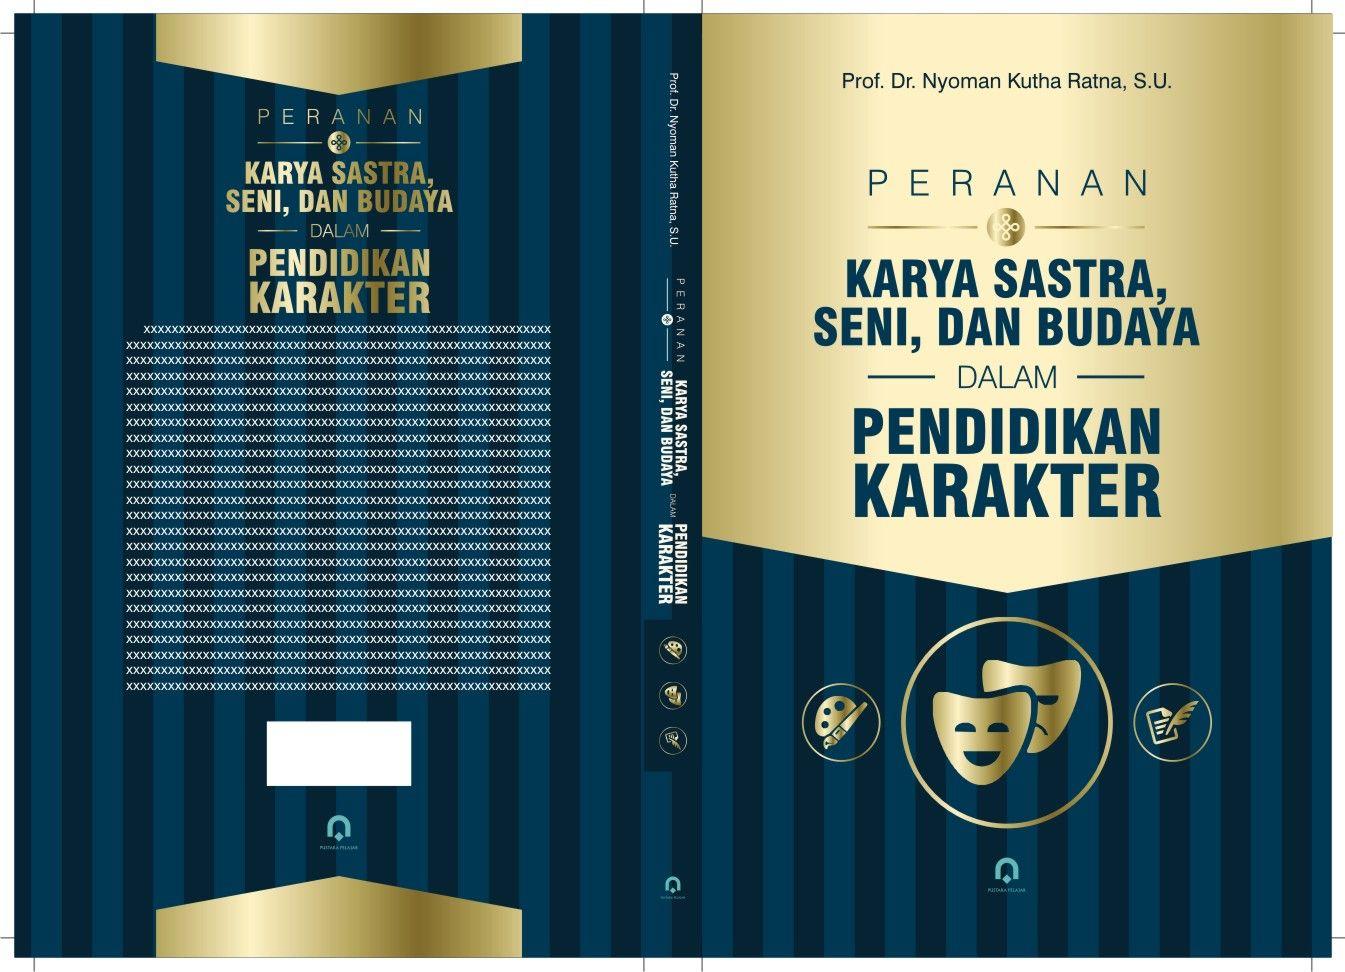 Cover Peranan Karya Sastra Seni Dan Budaya Dalam Pendidikan